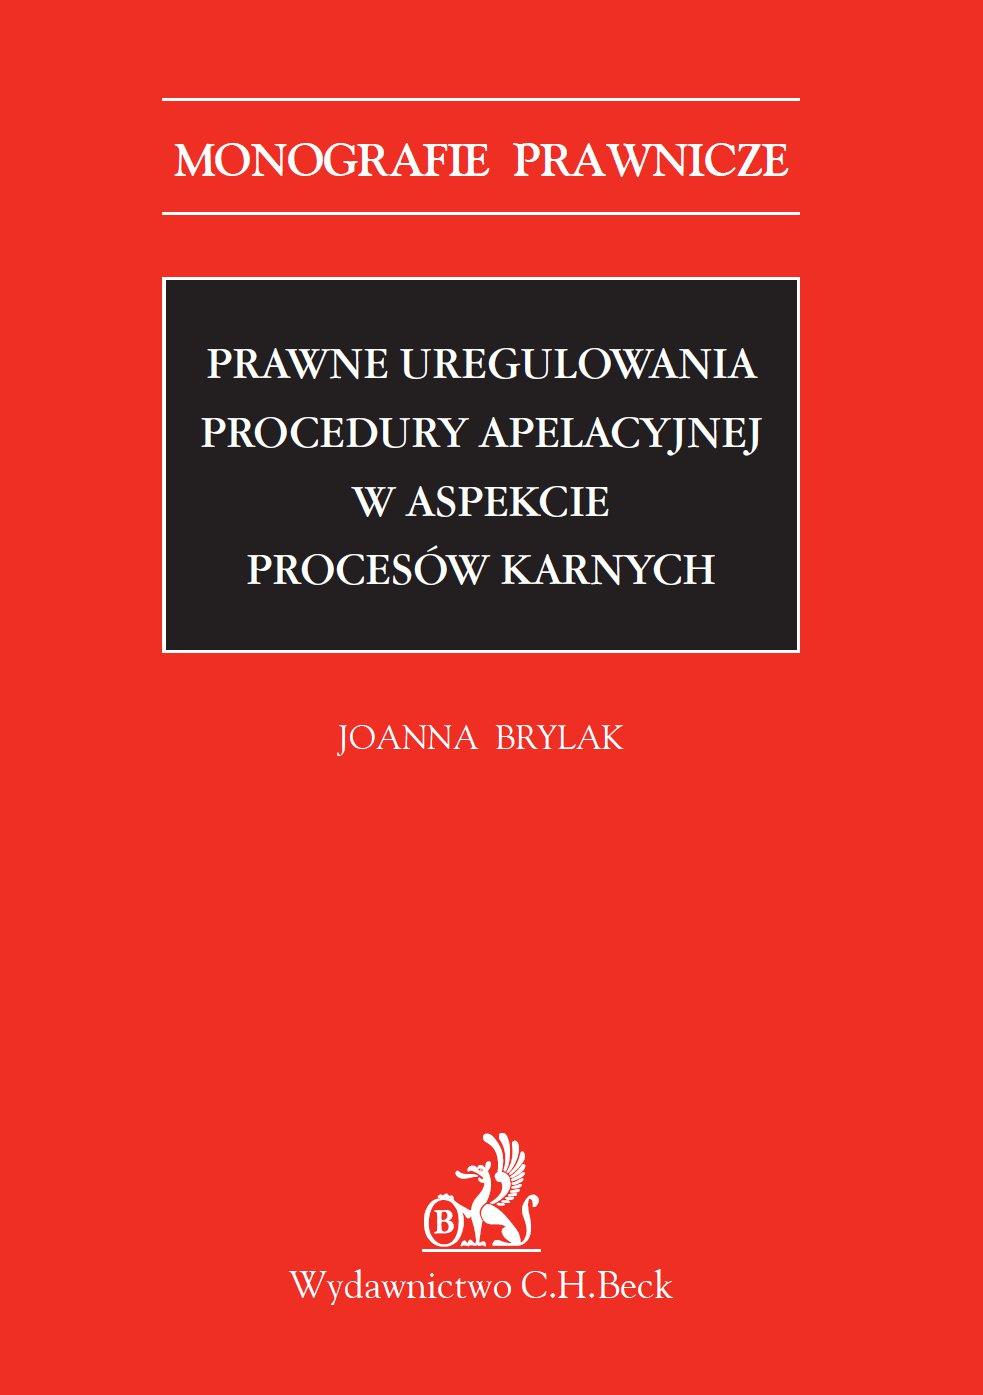 Prawne uregulowania procedury apelacyjnej w aspekcie procesów karnych - Ebook (Książka PDF) do pobrania w formacie PDF